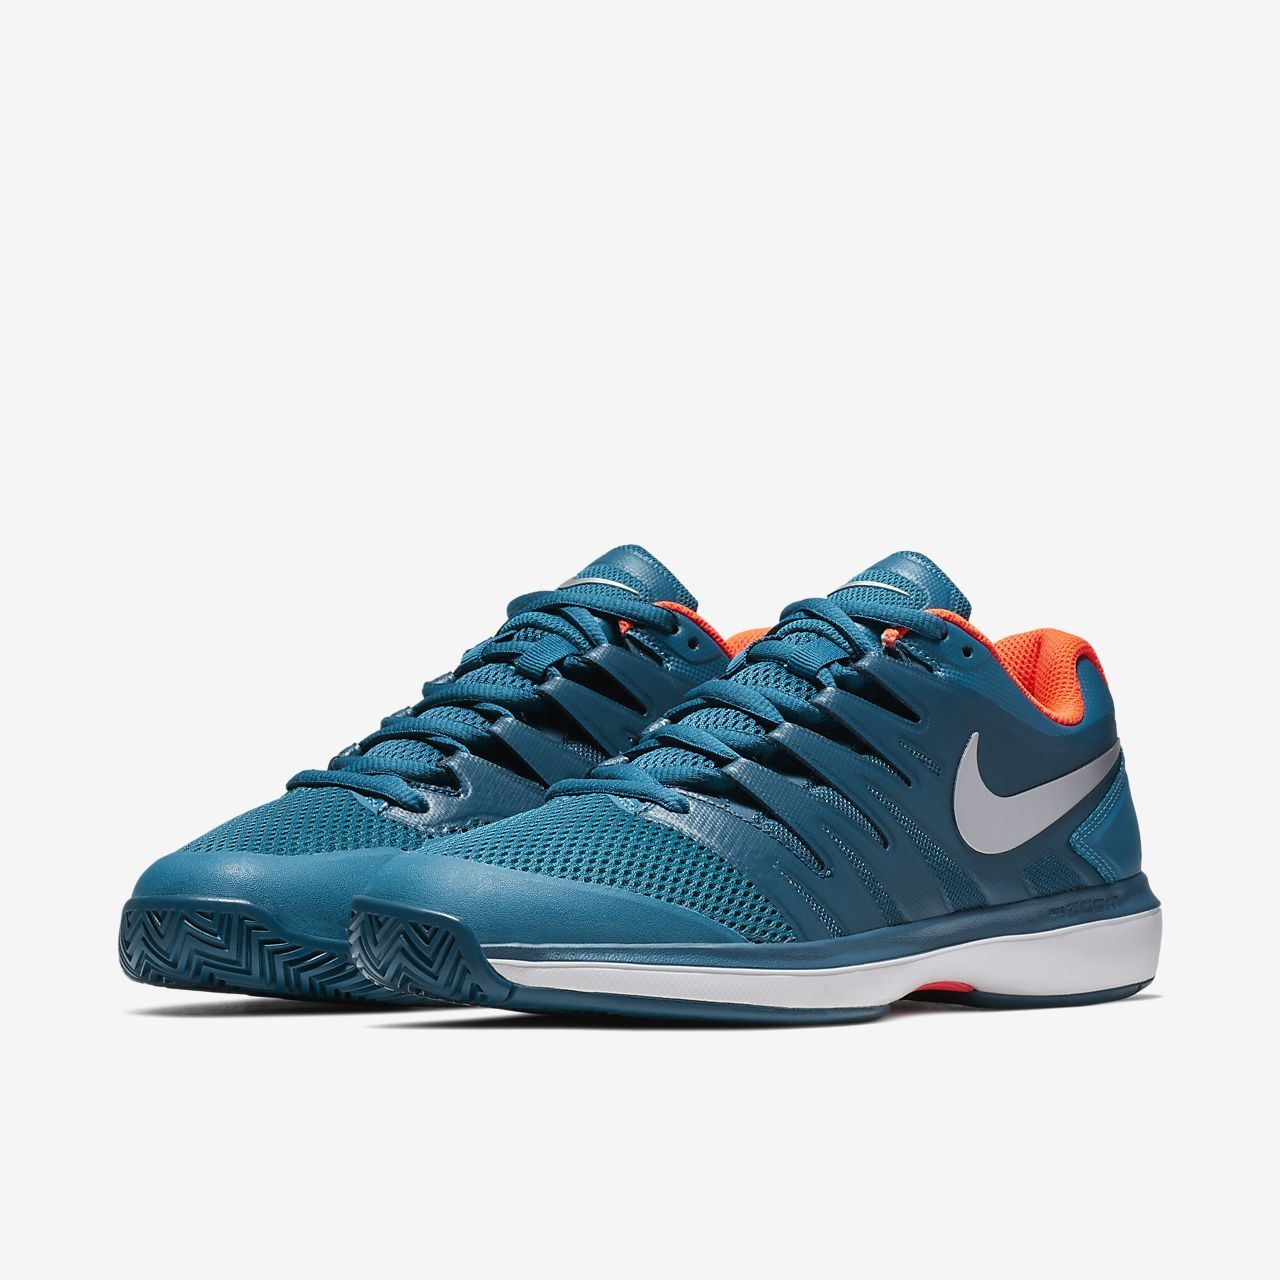 premium selection d3233 453ce NikeCourt Air Zoom Prestige Men's Hard Court Tennis Shoe | Mens ...